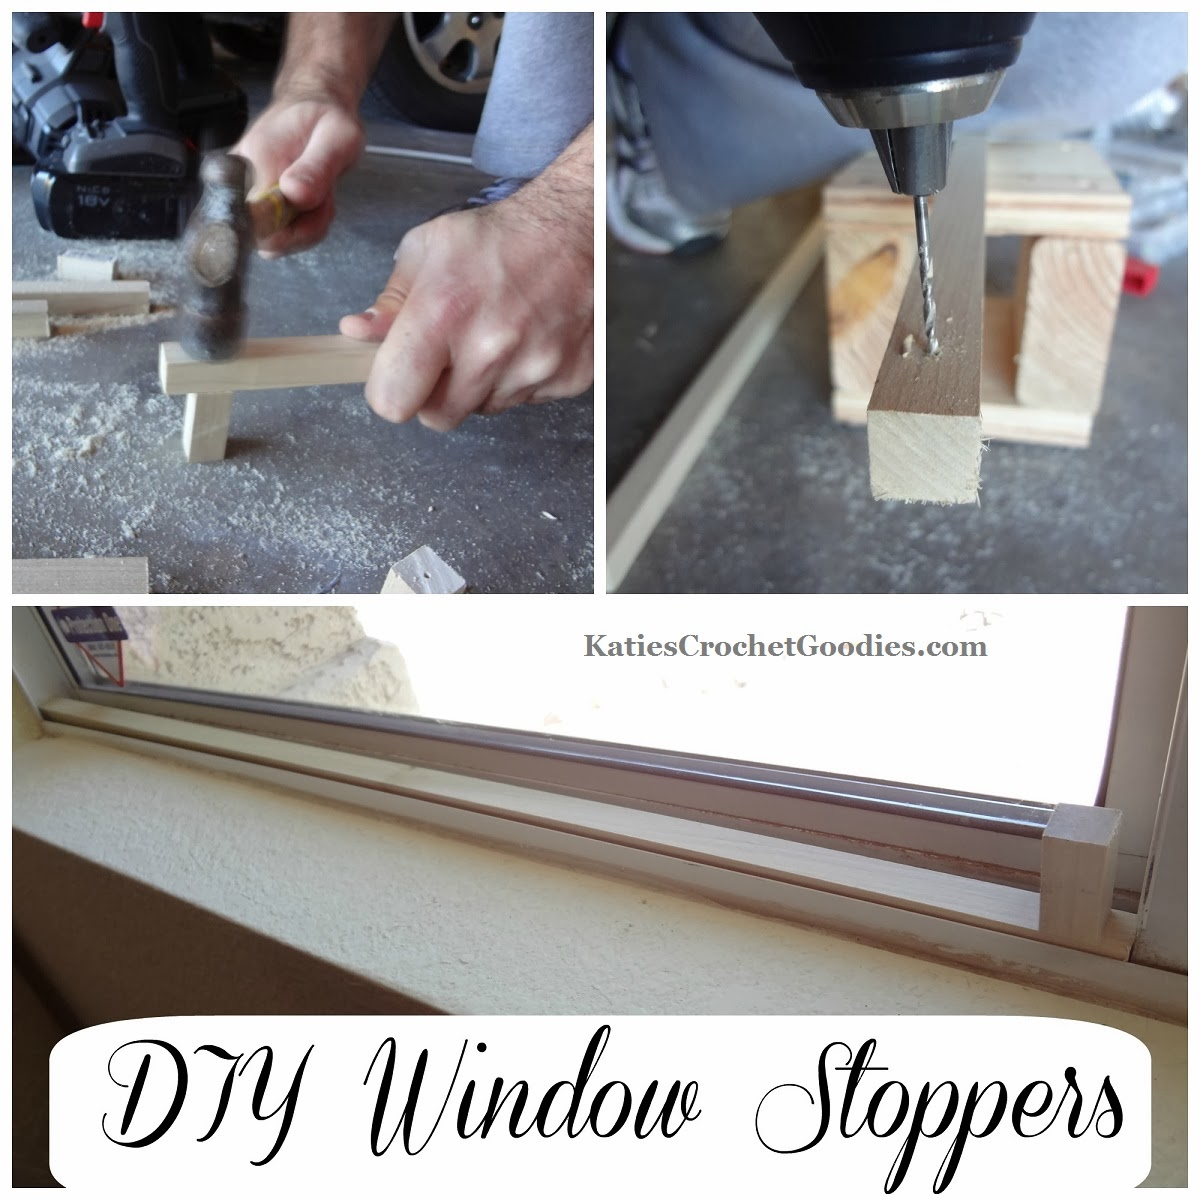 Diy Wood Window Stoppers Katie S Crochet Goodies